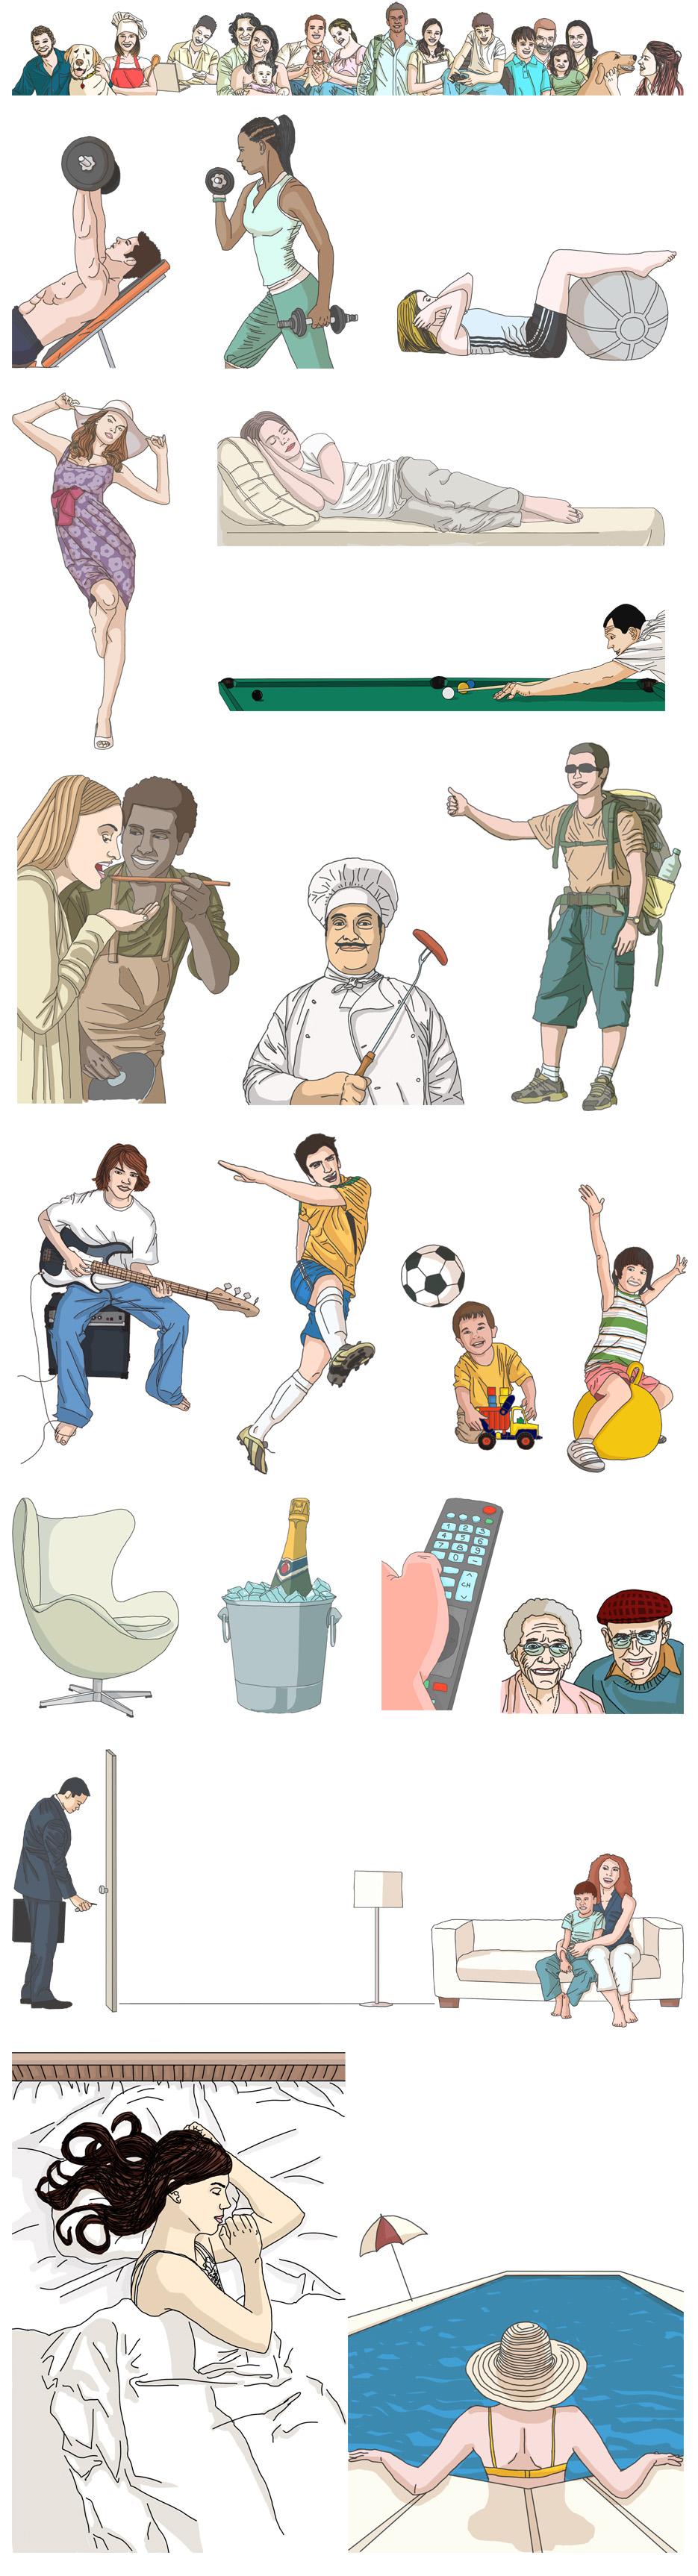 ilustrações catálogo amazônia park